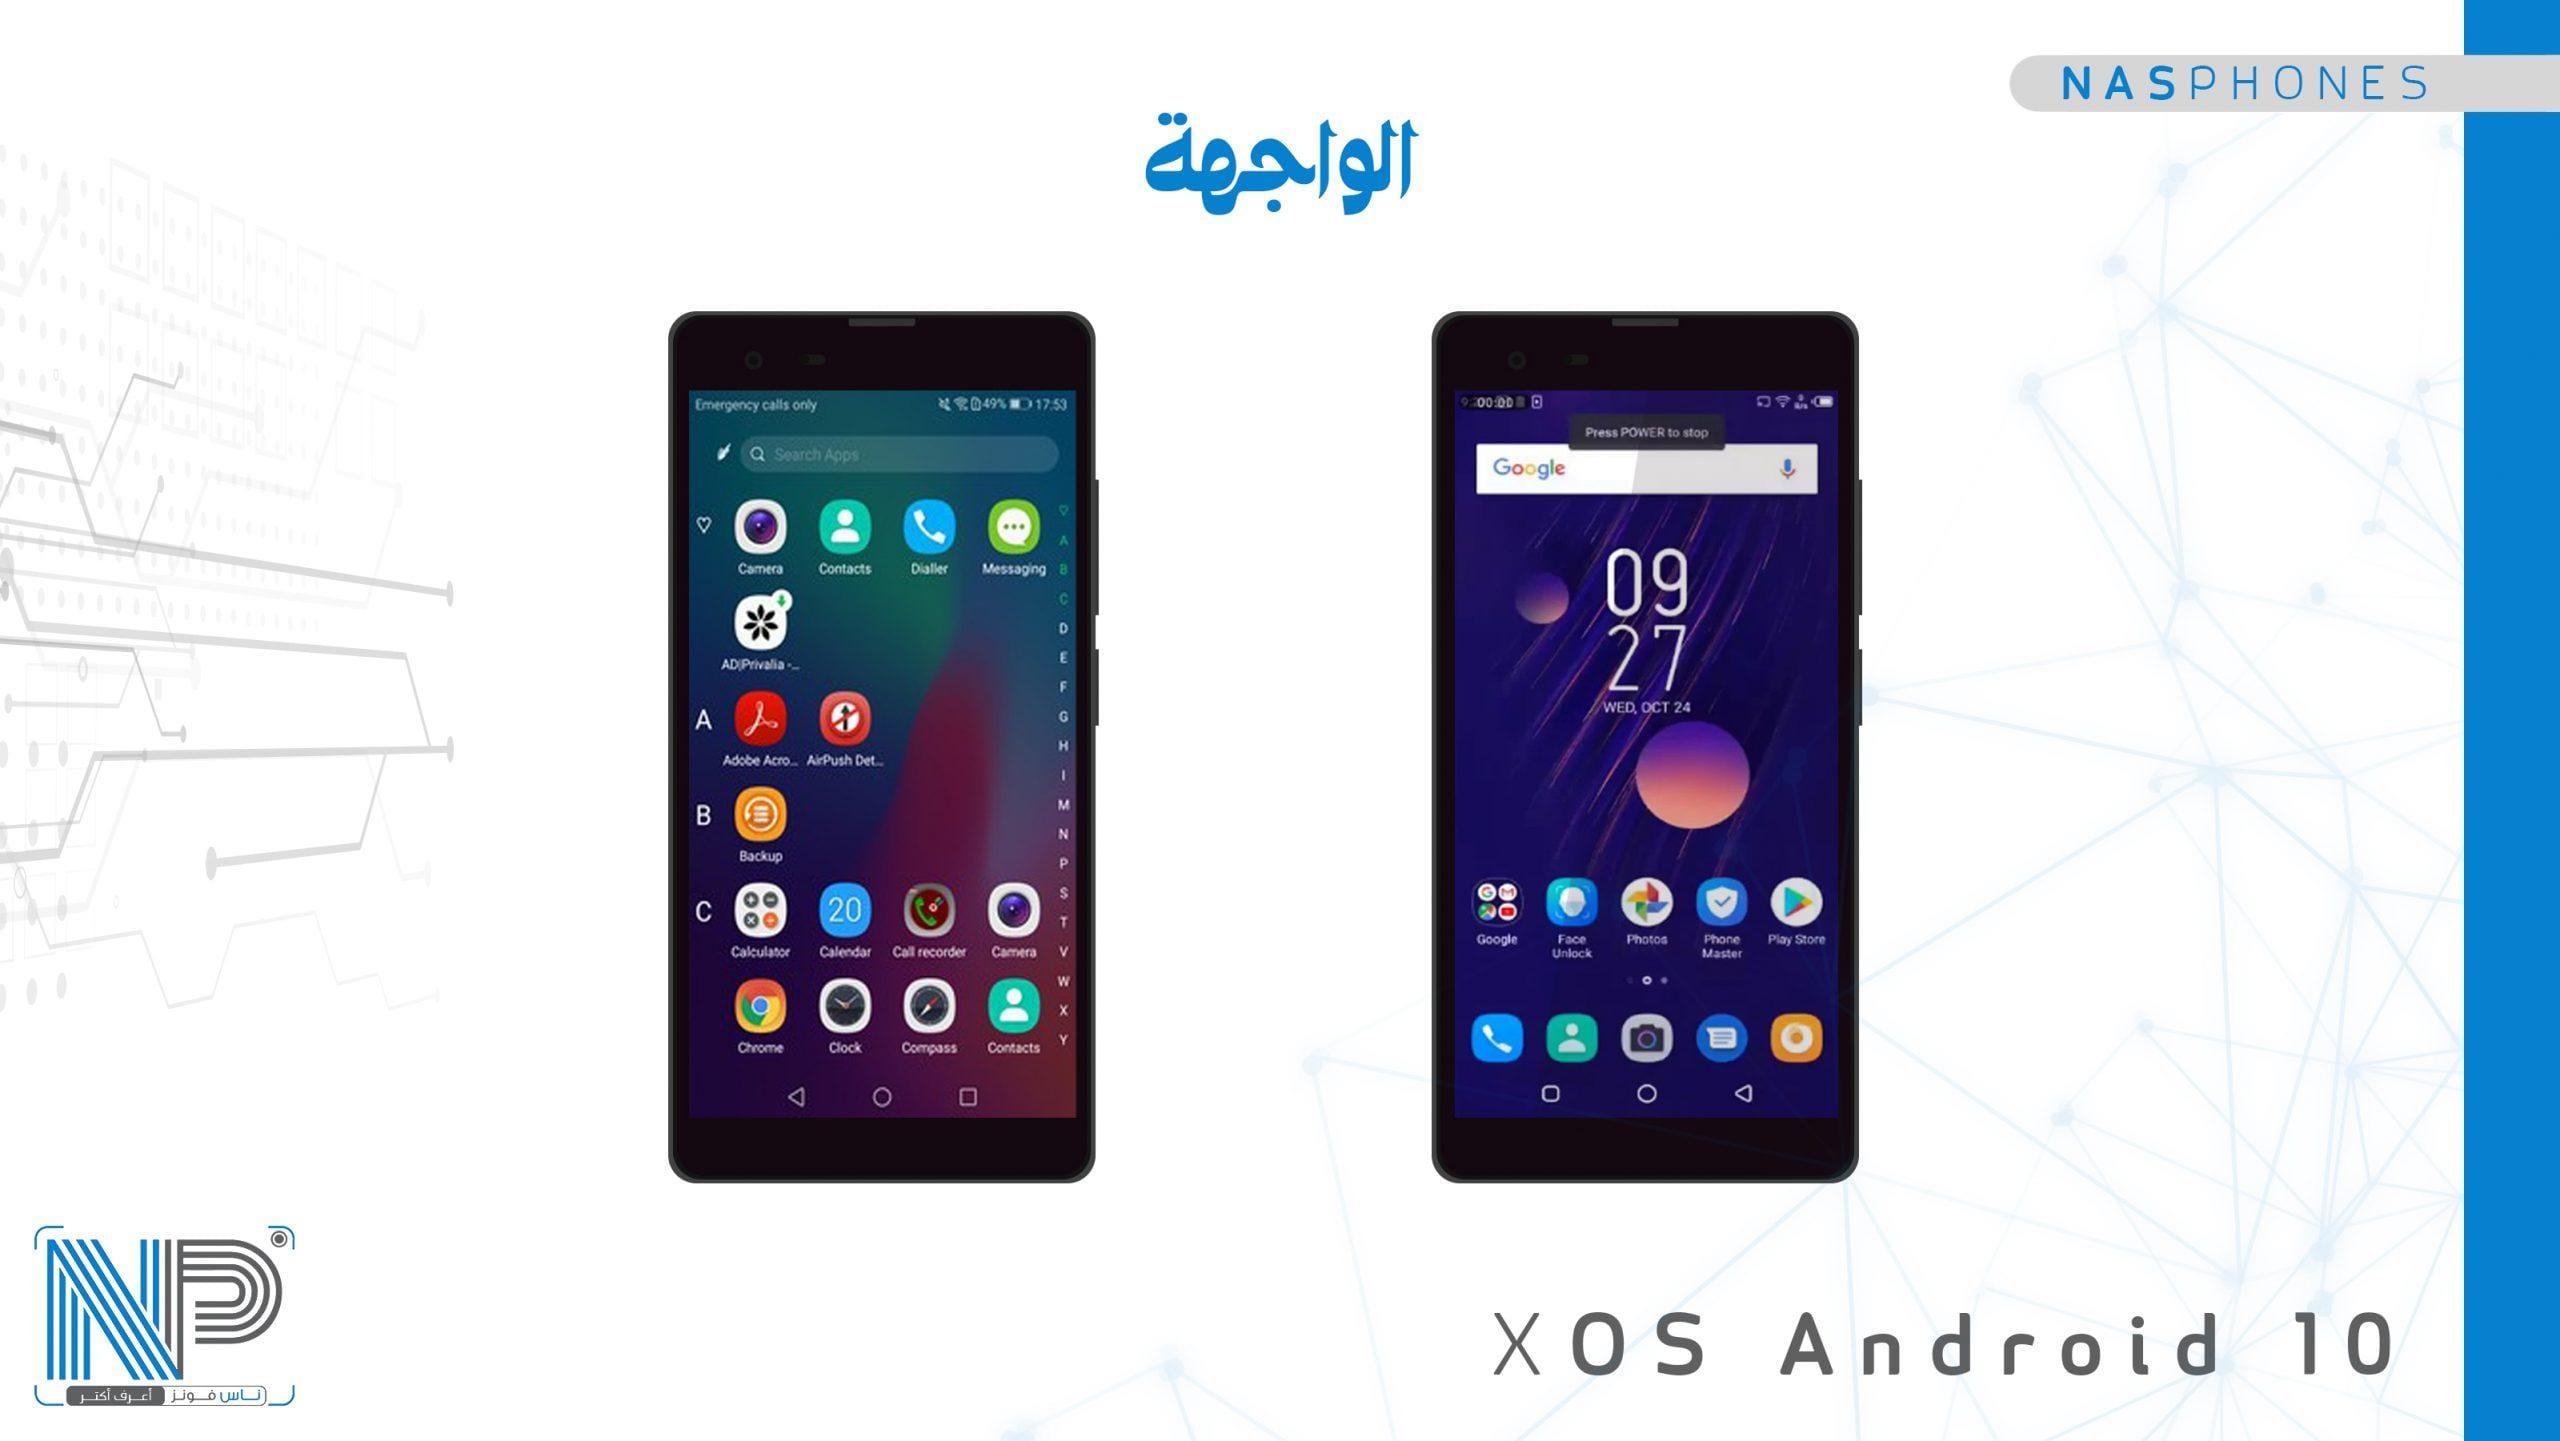 واجهة انفنيكس XOS Android 10